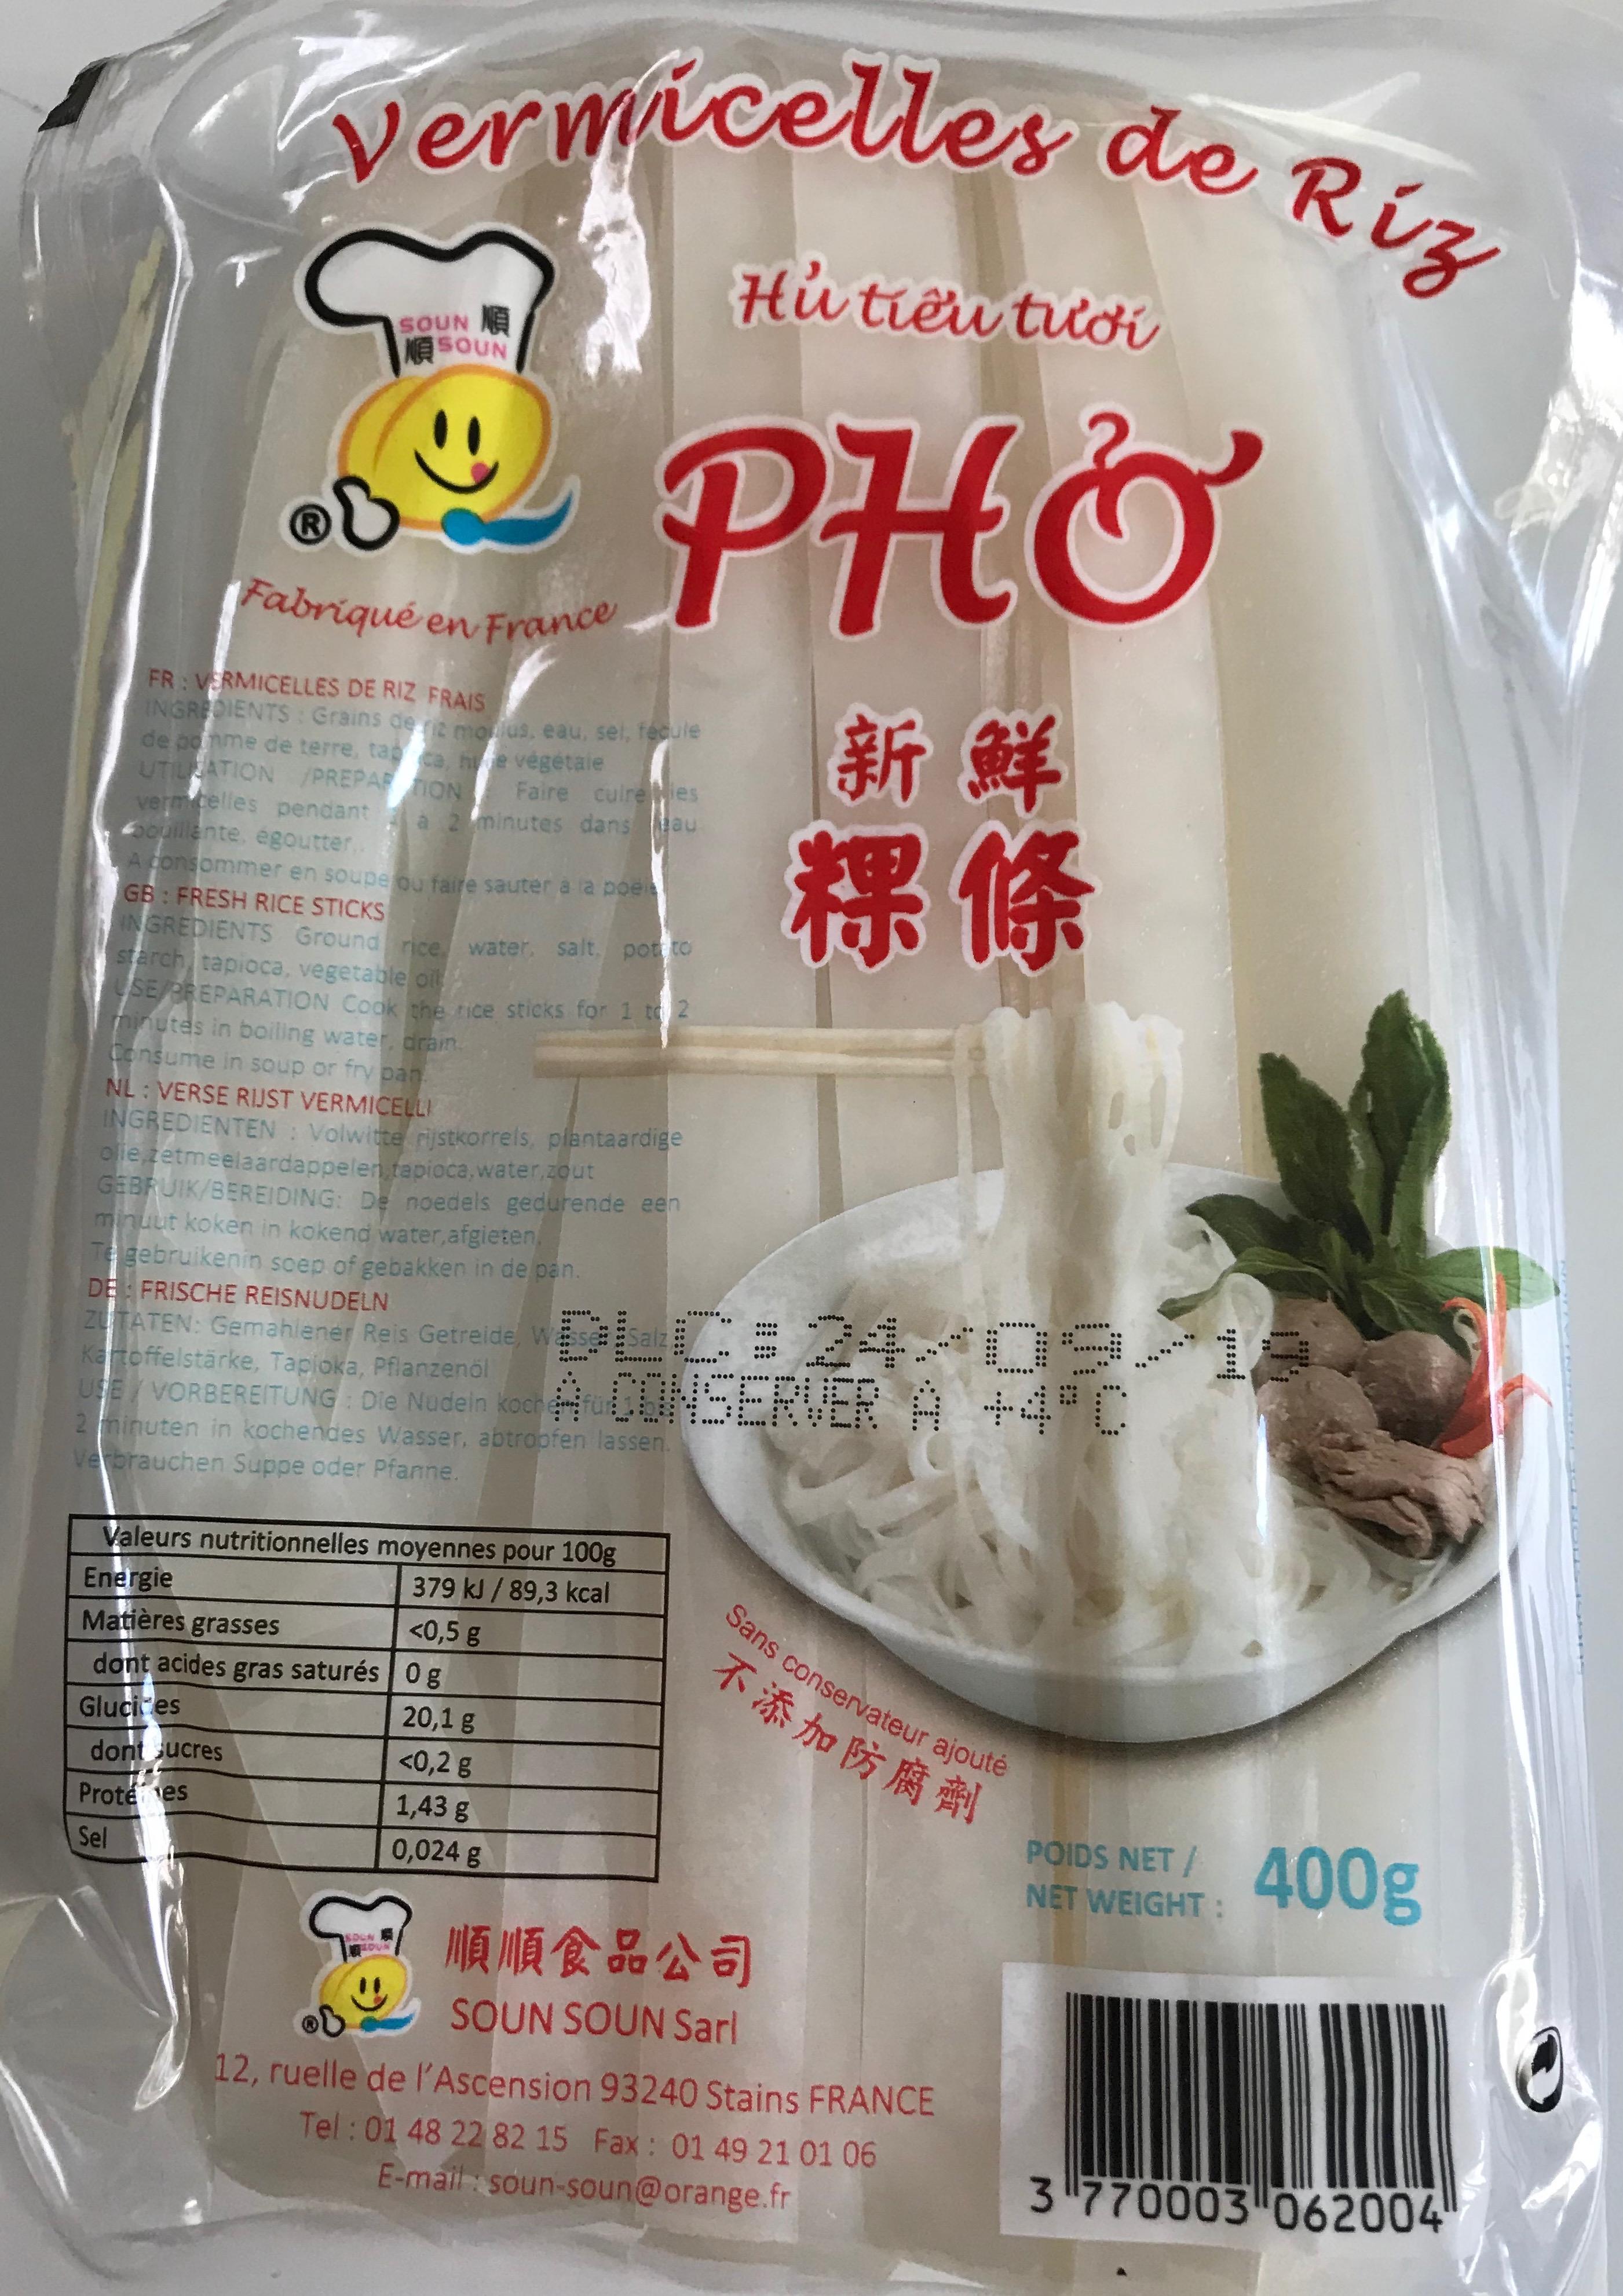 Vermicelles de riz frais pour pho, Soun Soun (400 g)